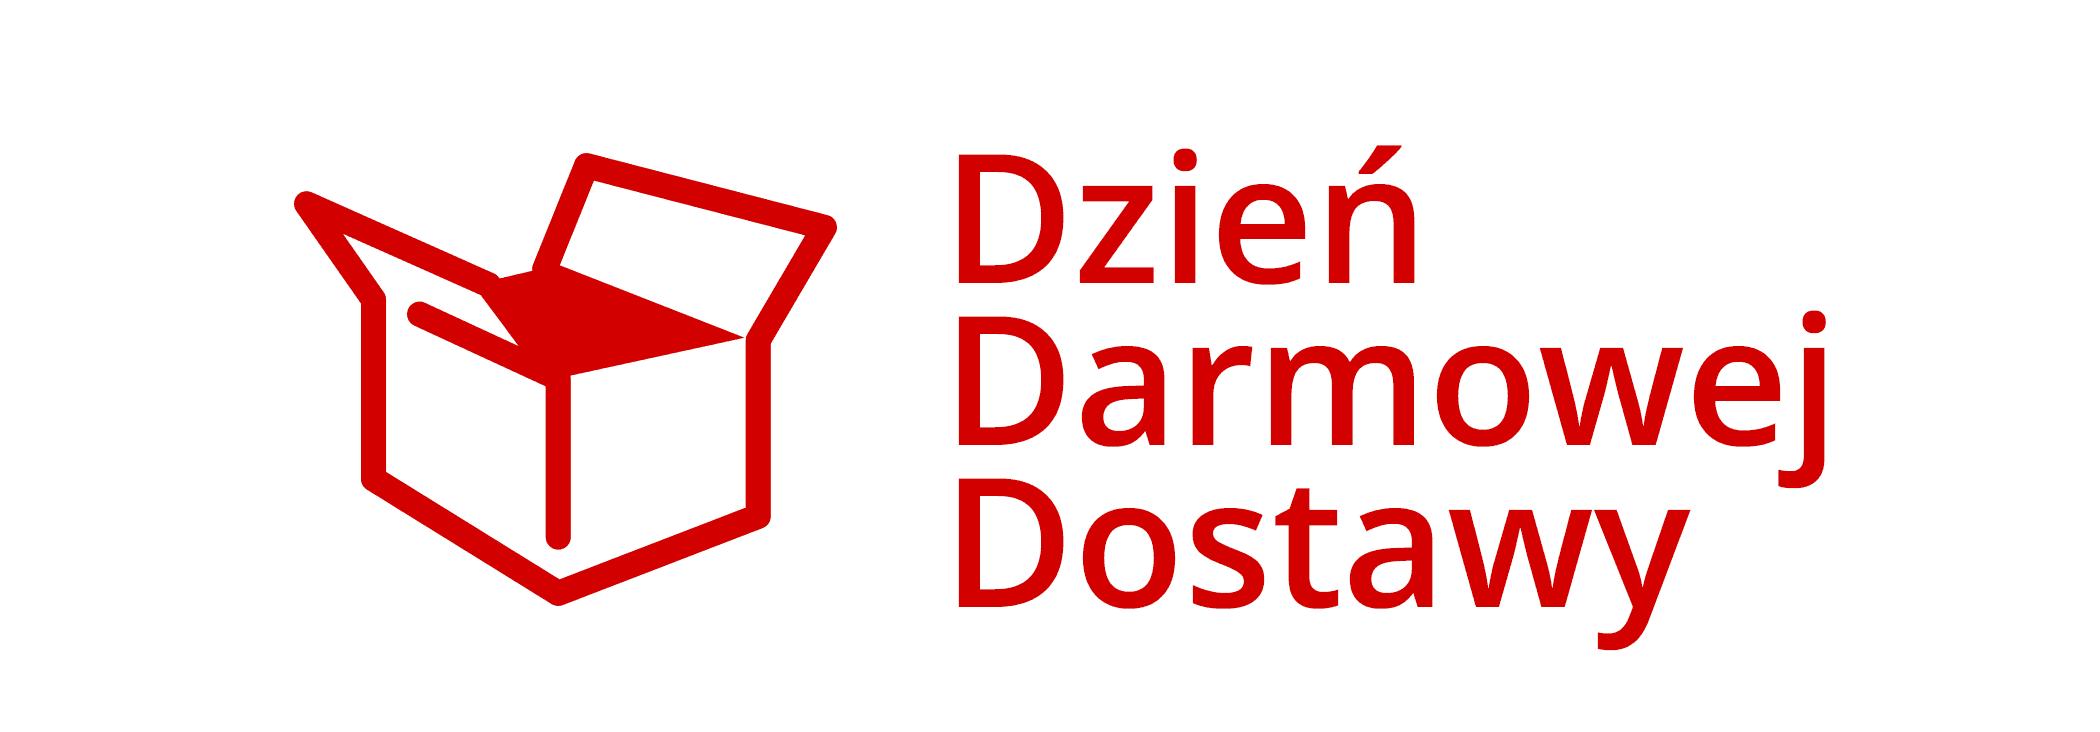 ddd-logo